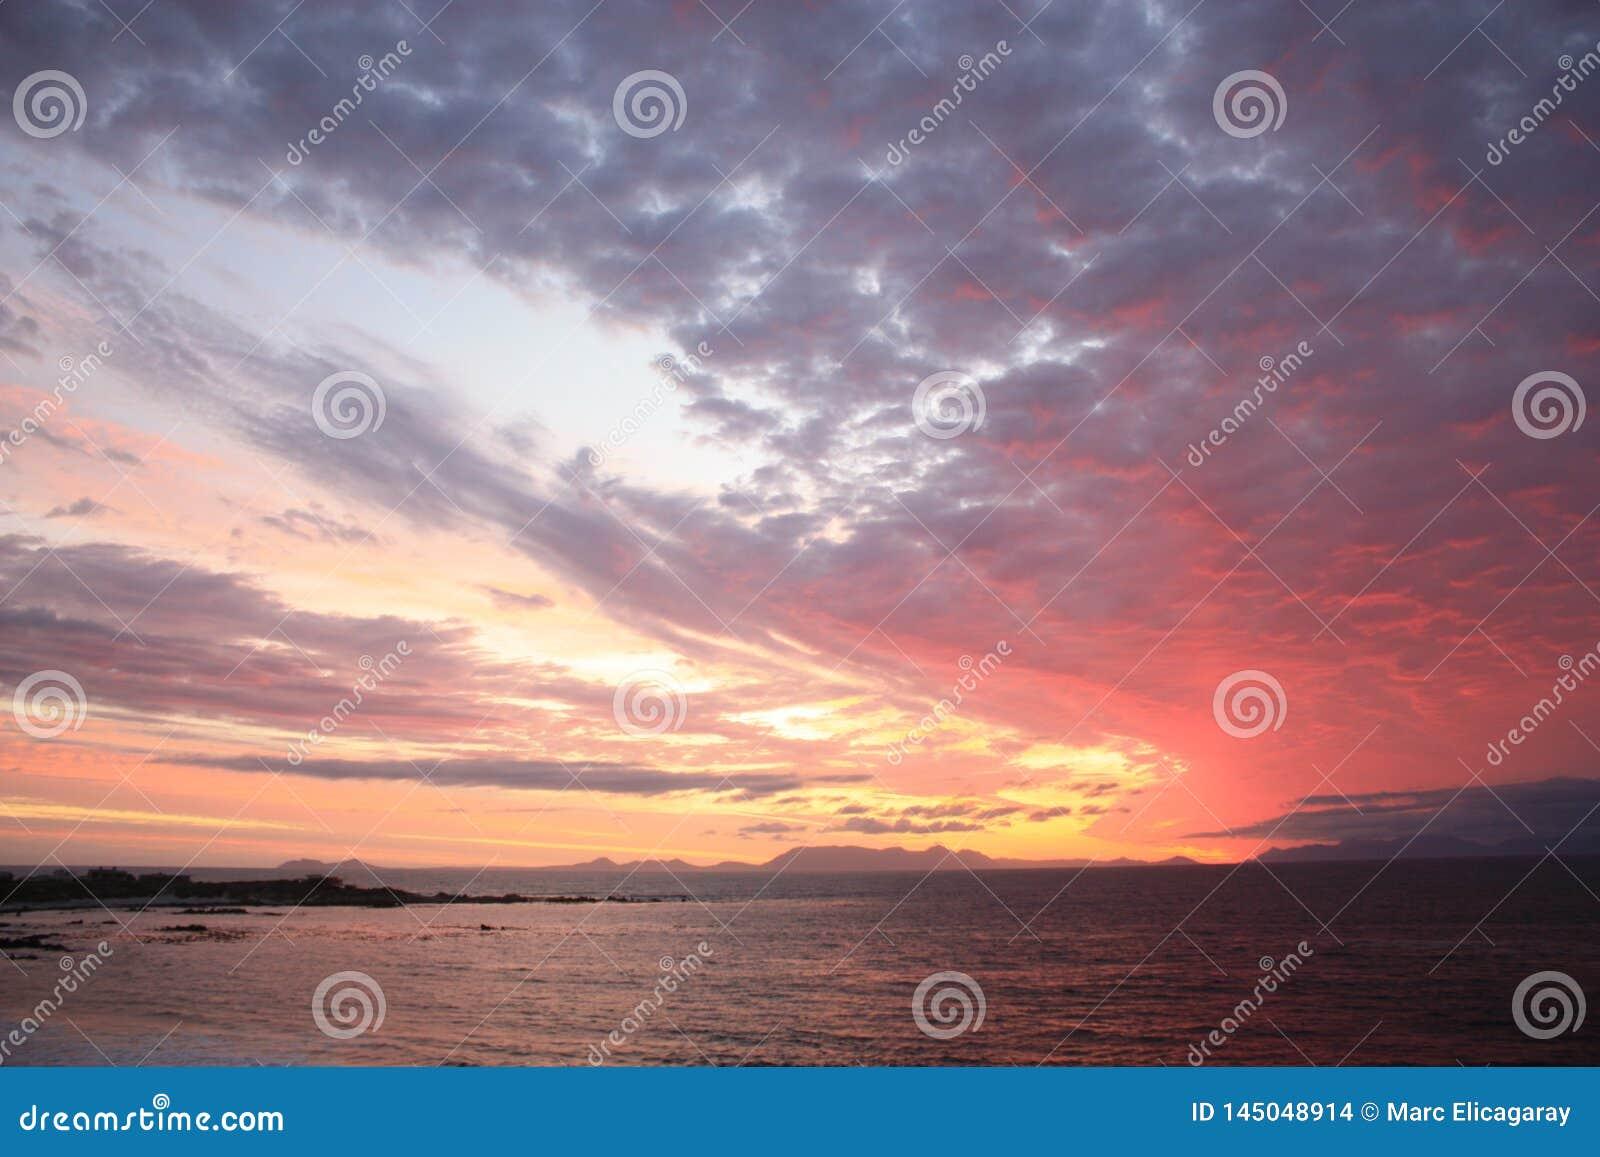 Beau ciel pendant le coucher du soleil à Cape Town Afrique du Sud